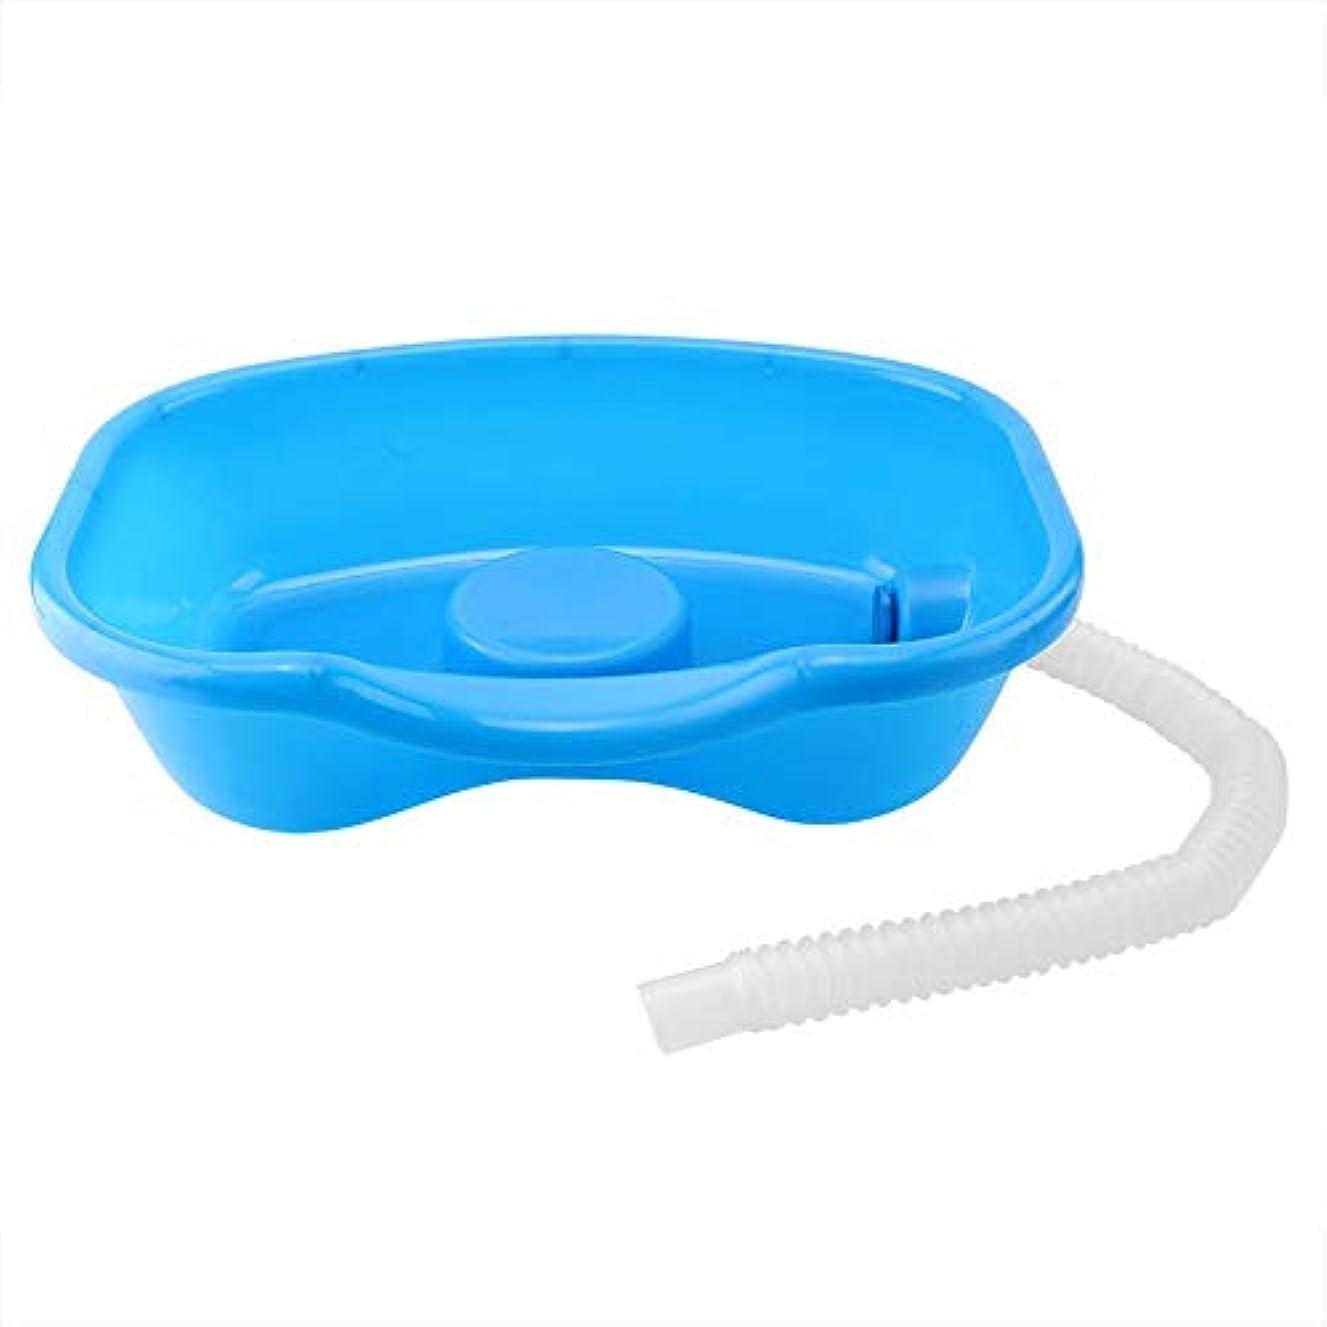 メディカルシャンプー洗面器無効髪洗面器、医療無効シャンプー洗面器厚いベッド髪洗浄トレイプラスチックキルトアイスパック